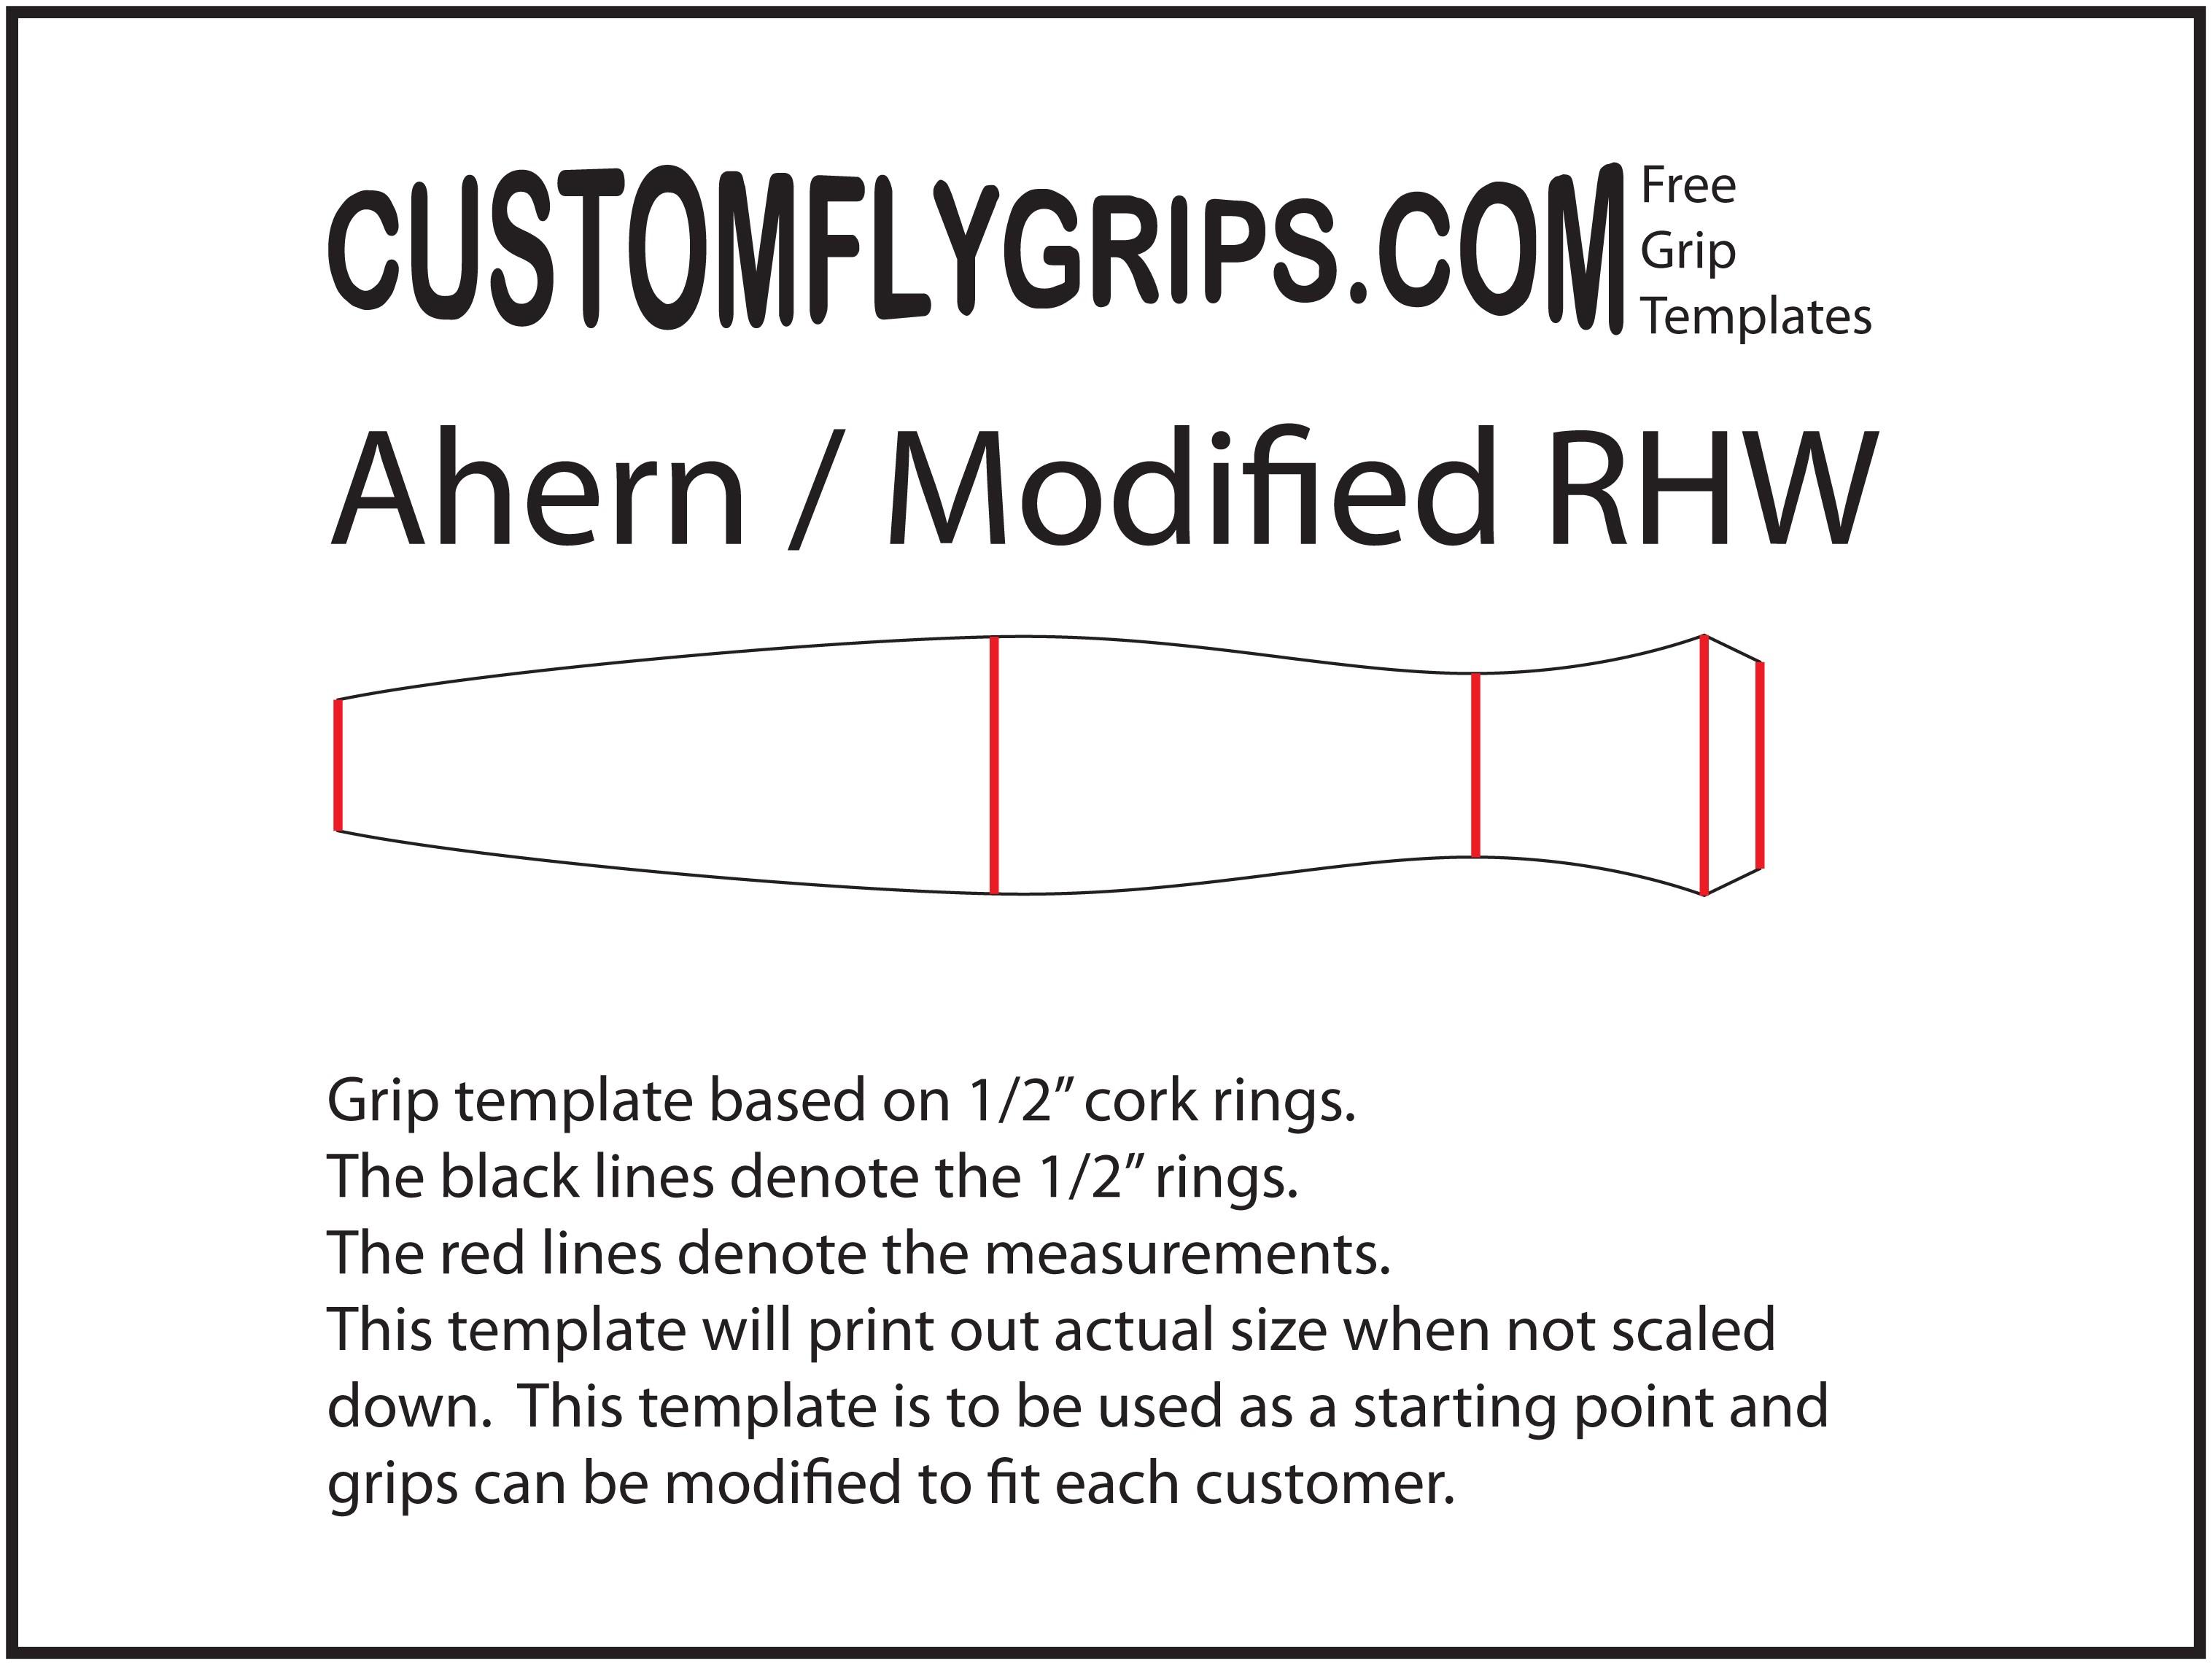 Una plantilla de agarre gratis completo pozos - Custom Fly Grips LLC